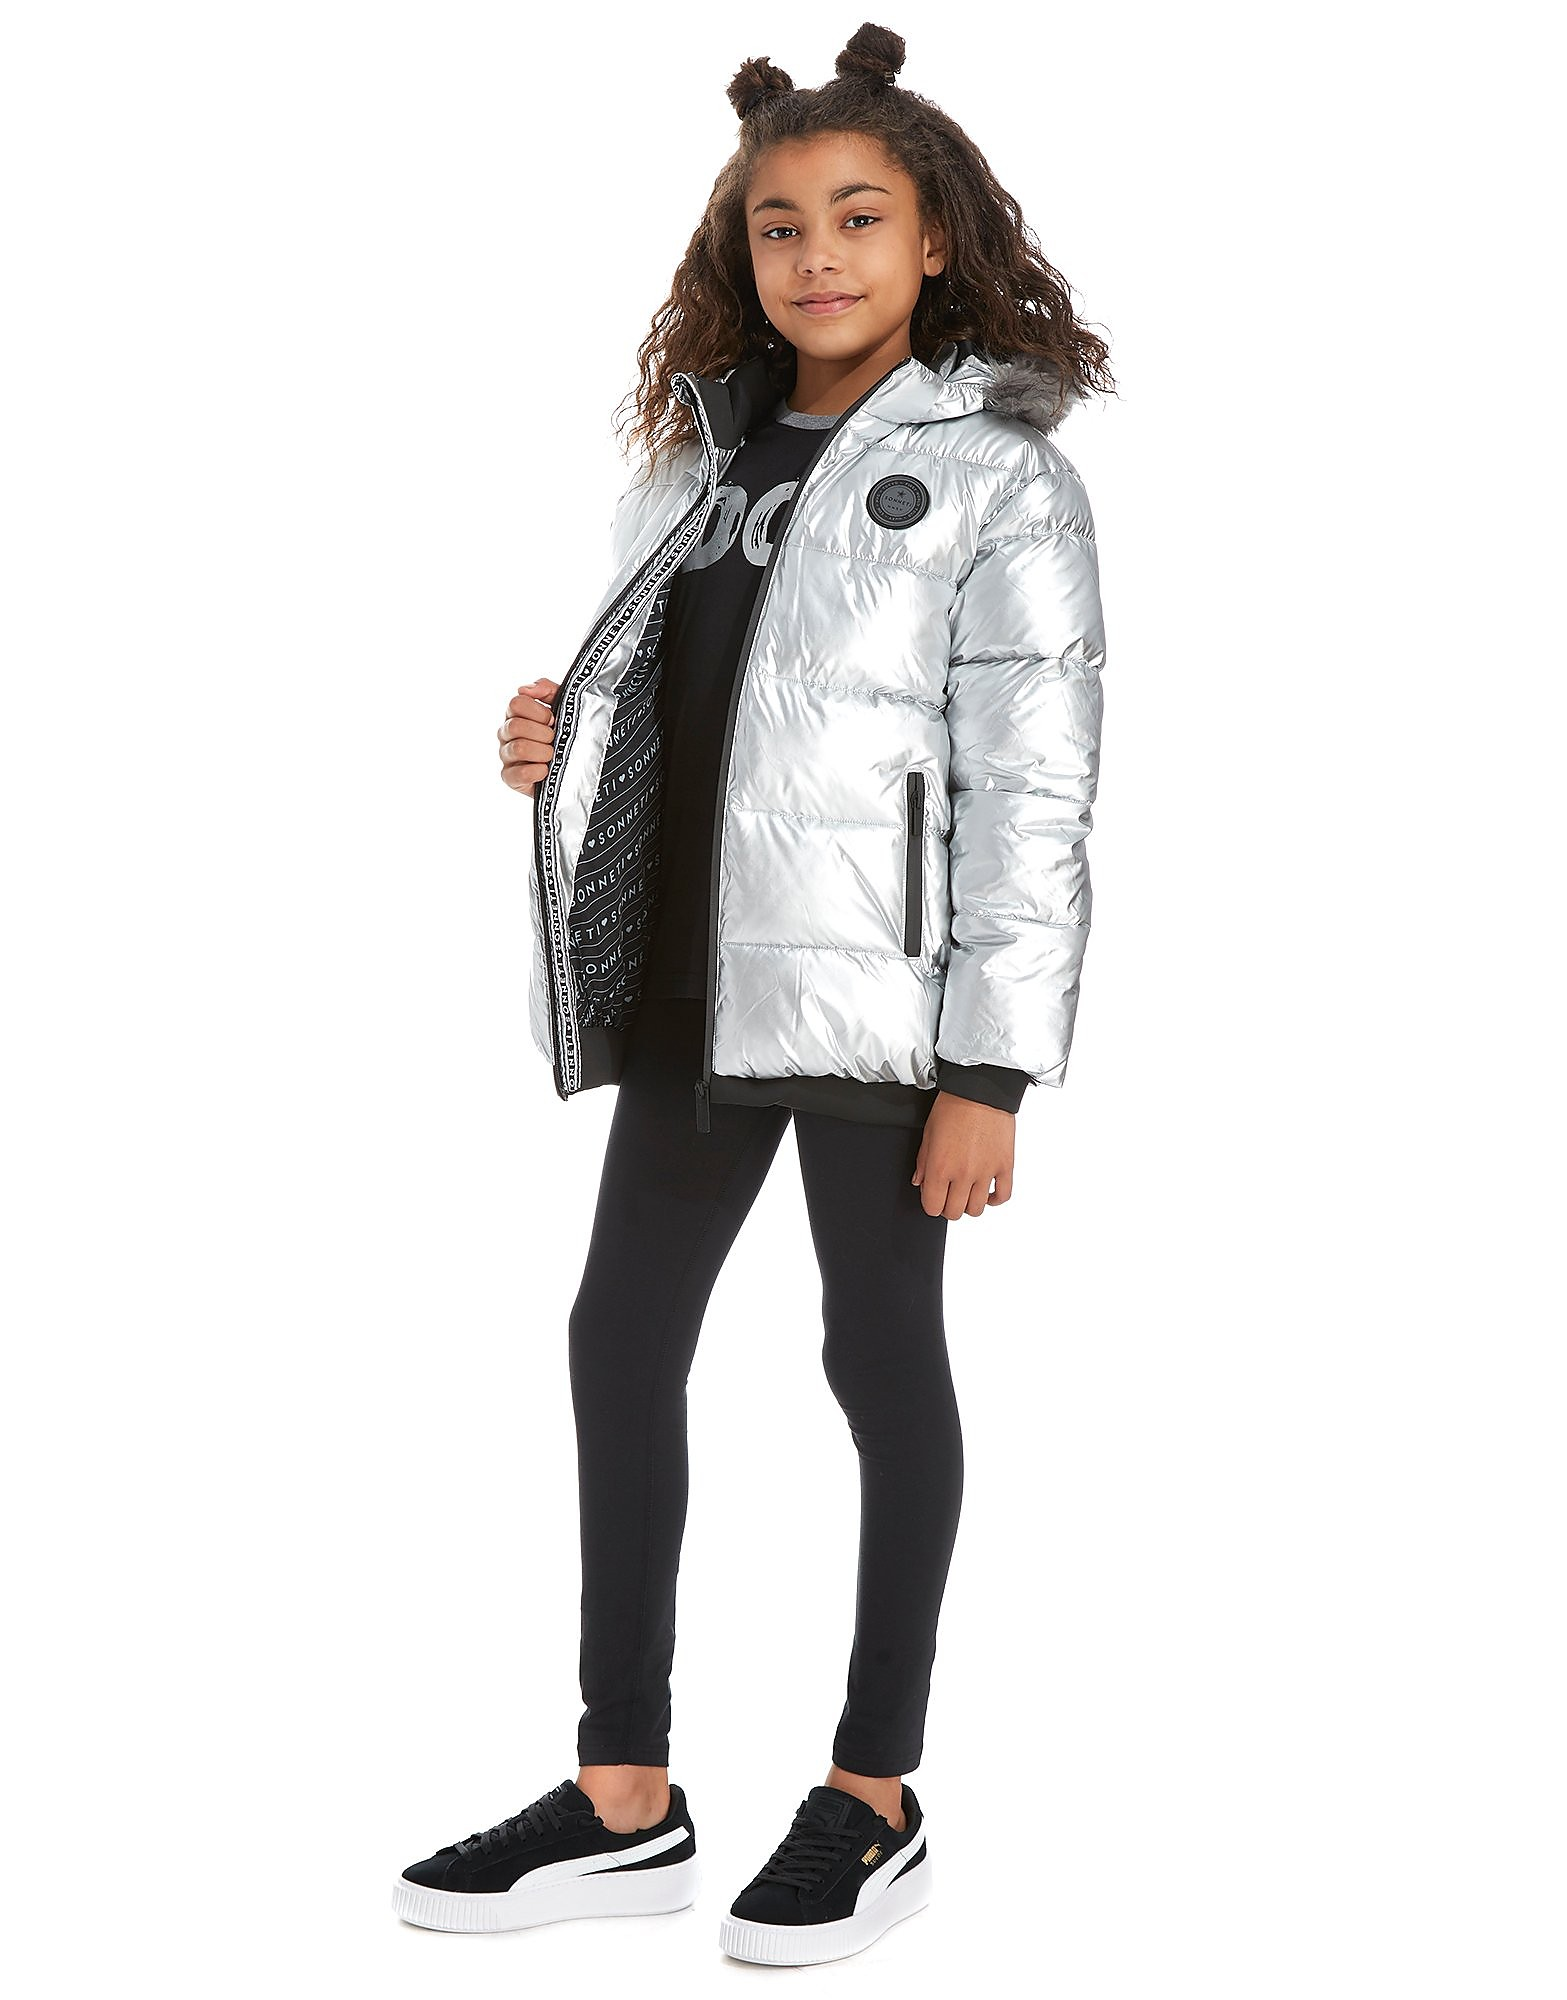 Sonneti Girls' Halo Jacket Junior